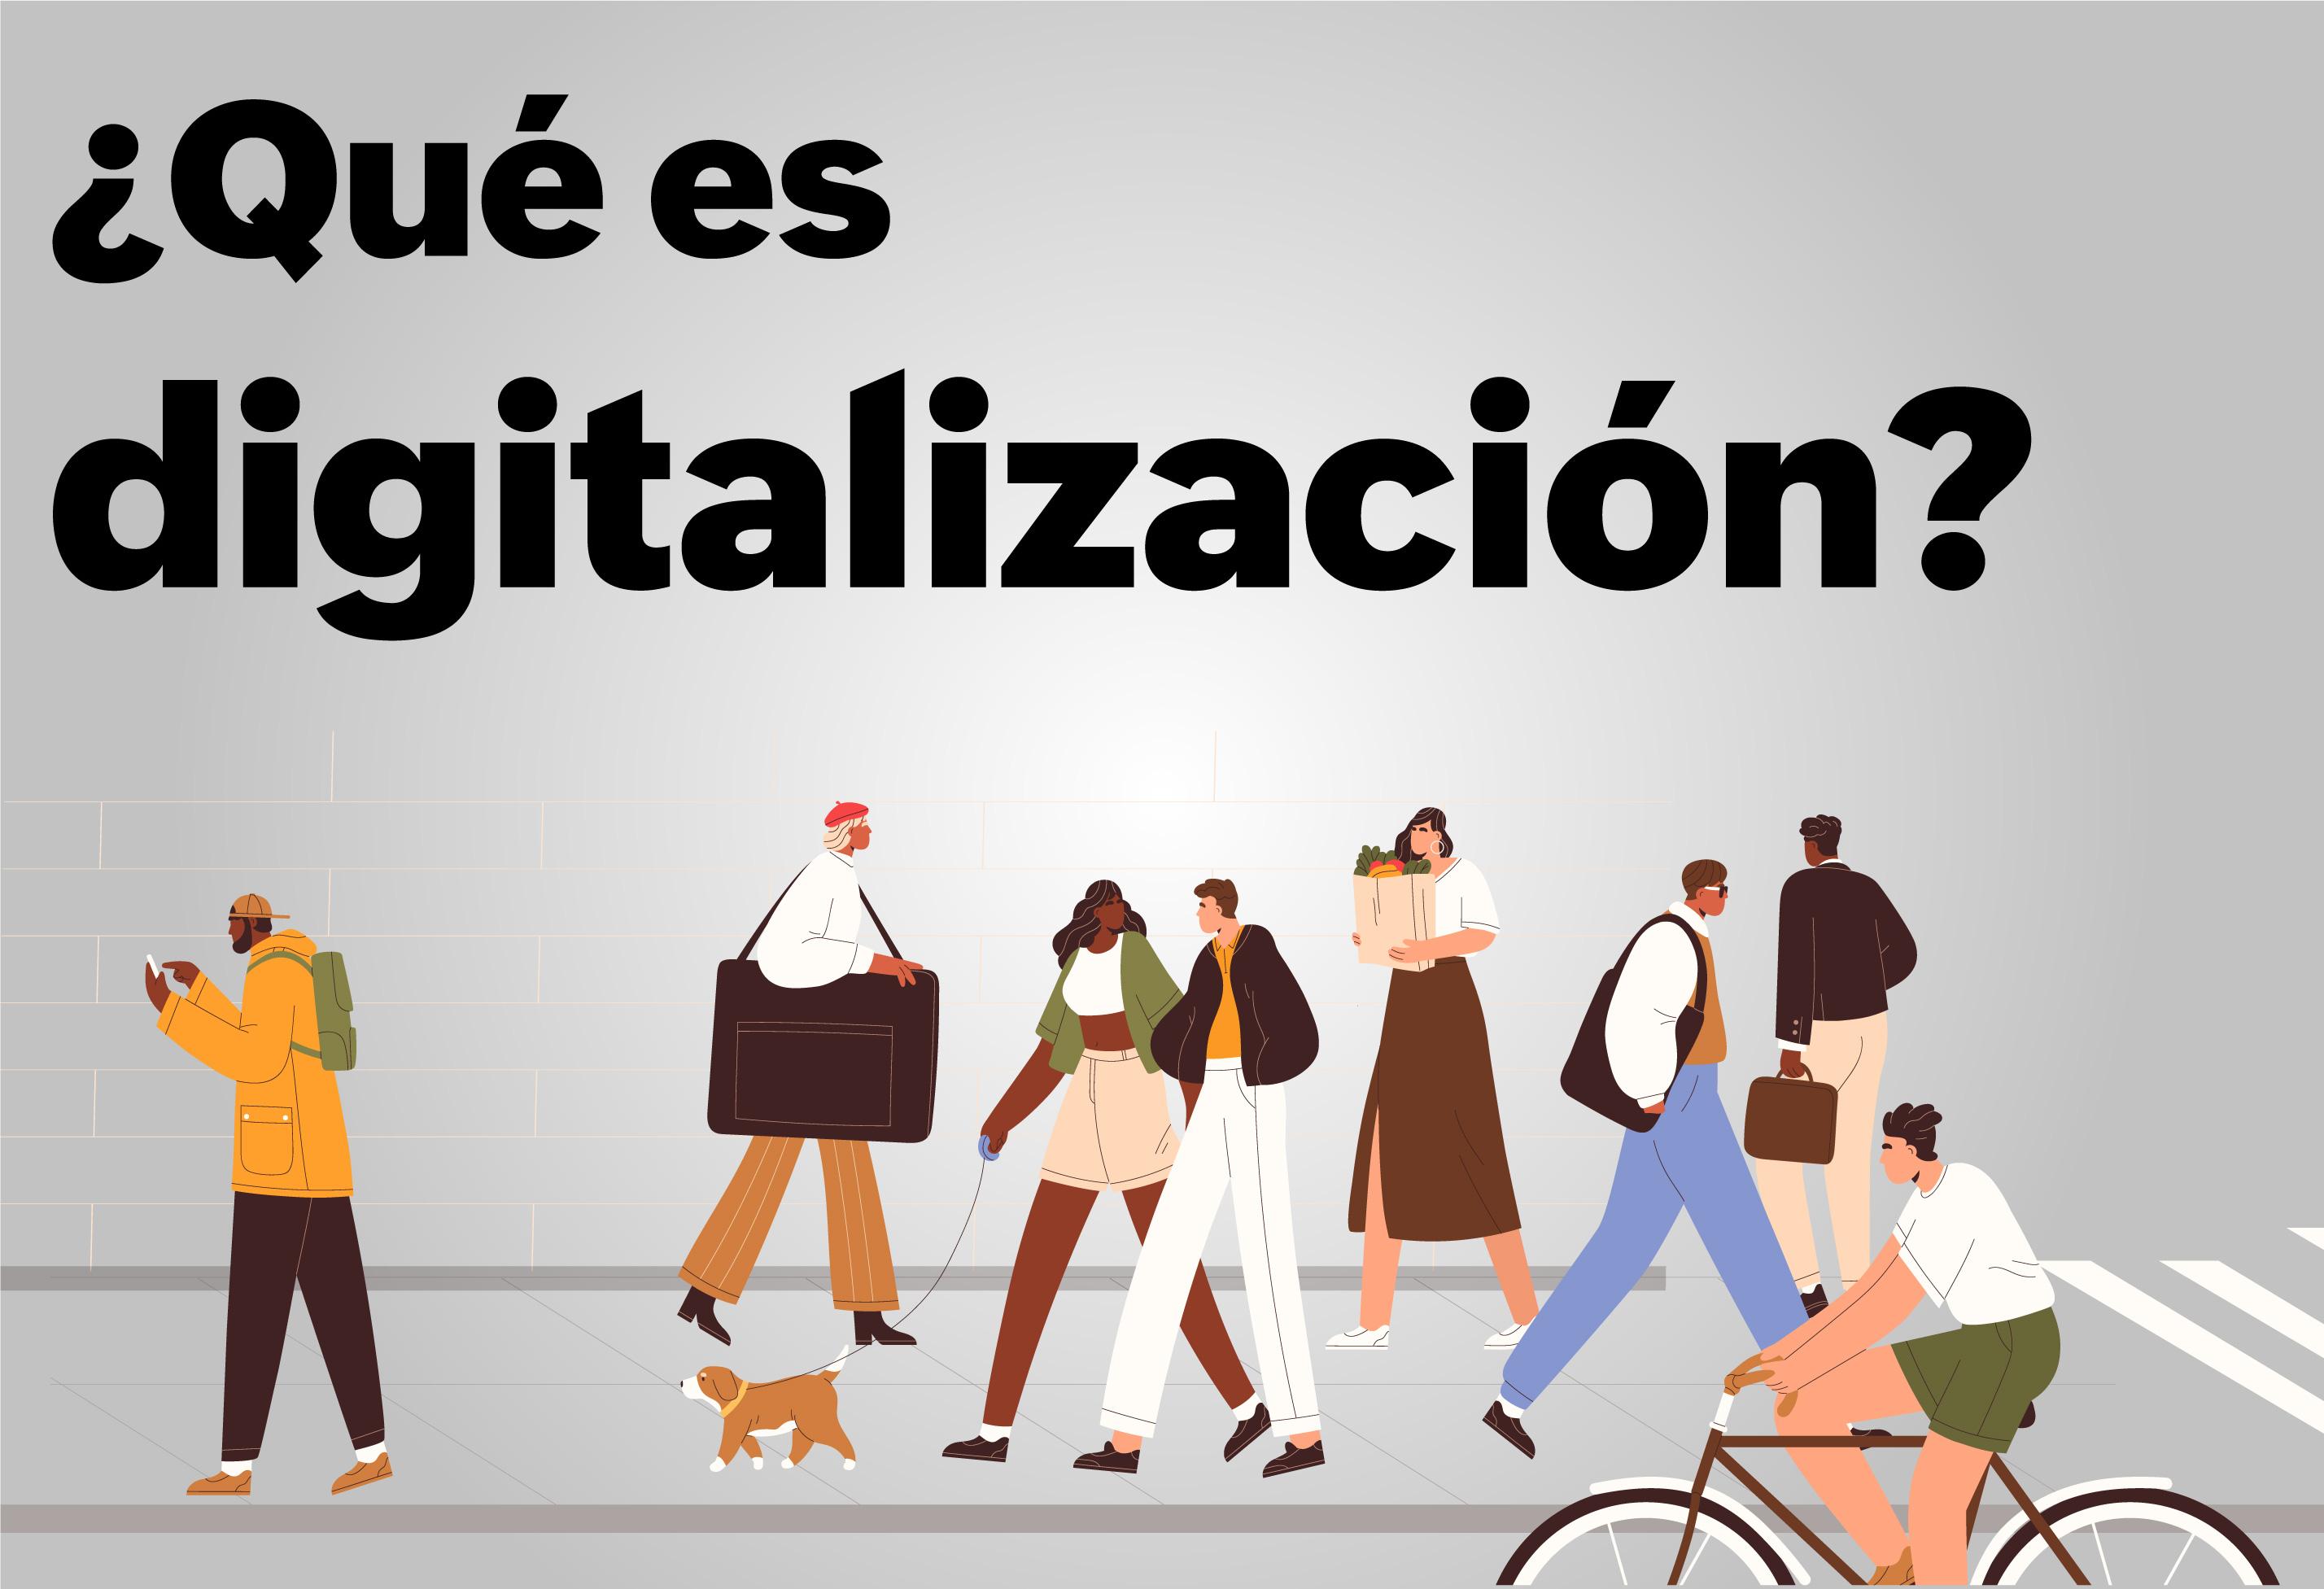 que es digitalizacion